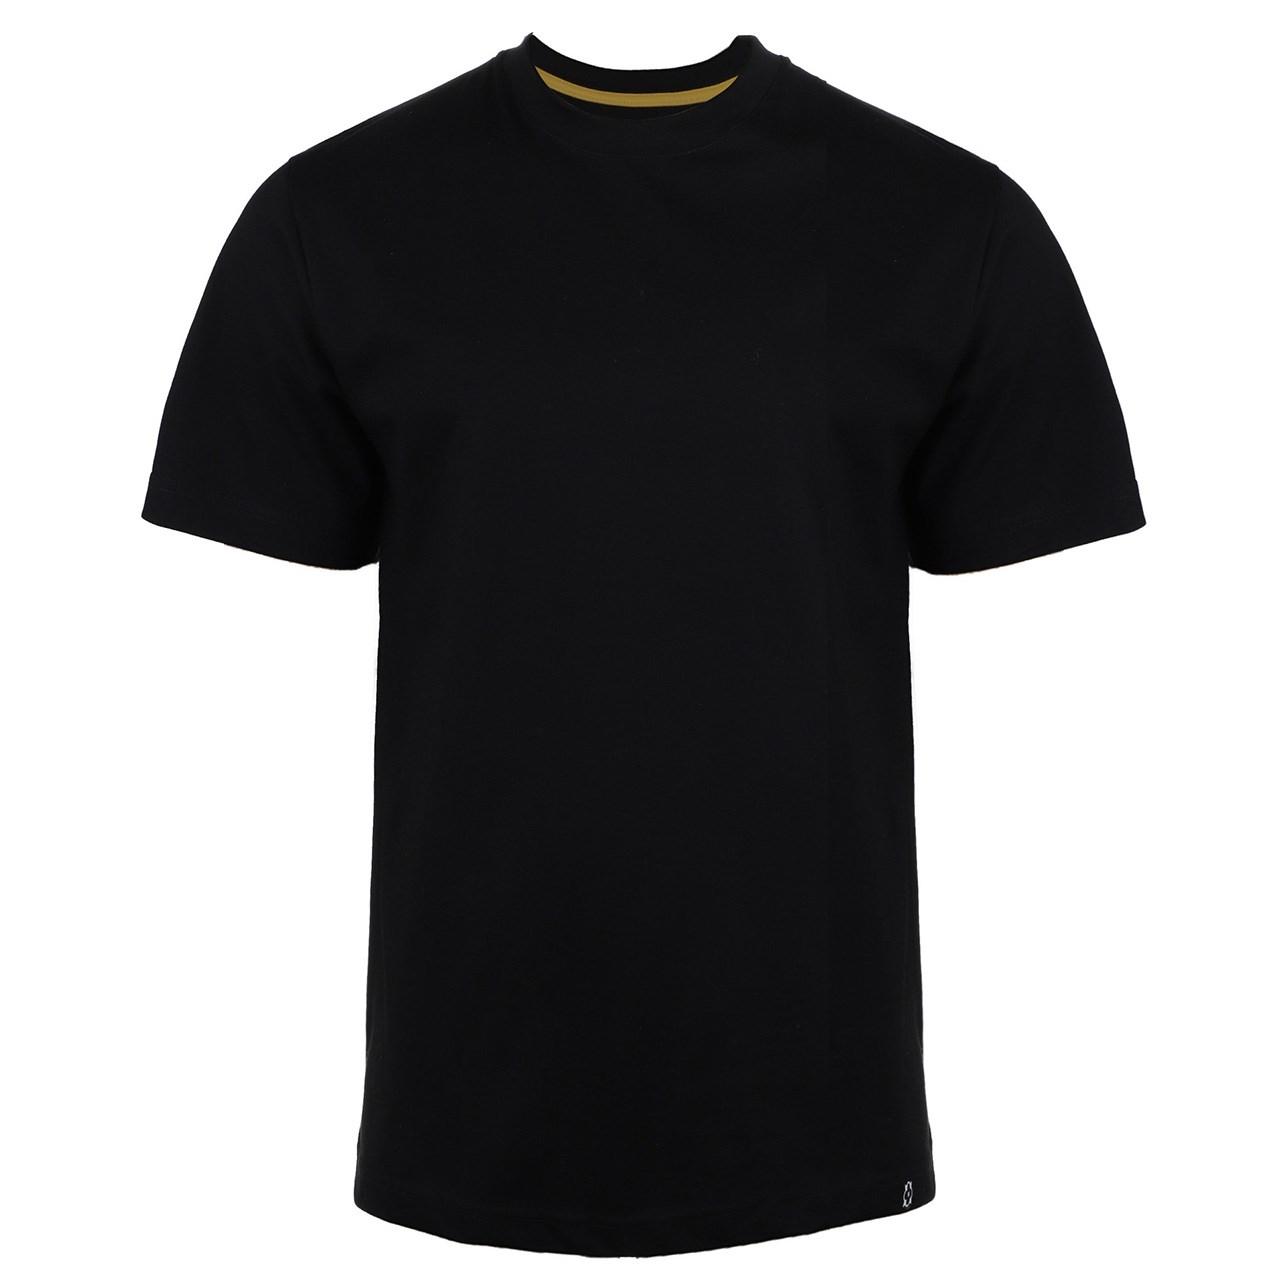 تی شرت آستین کوتاه مردانه نیکو تن پوش مدل 2073